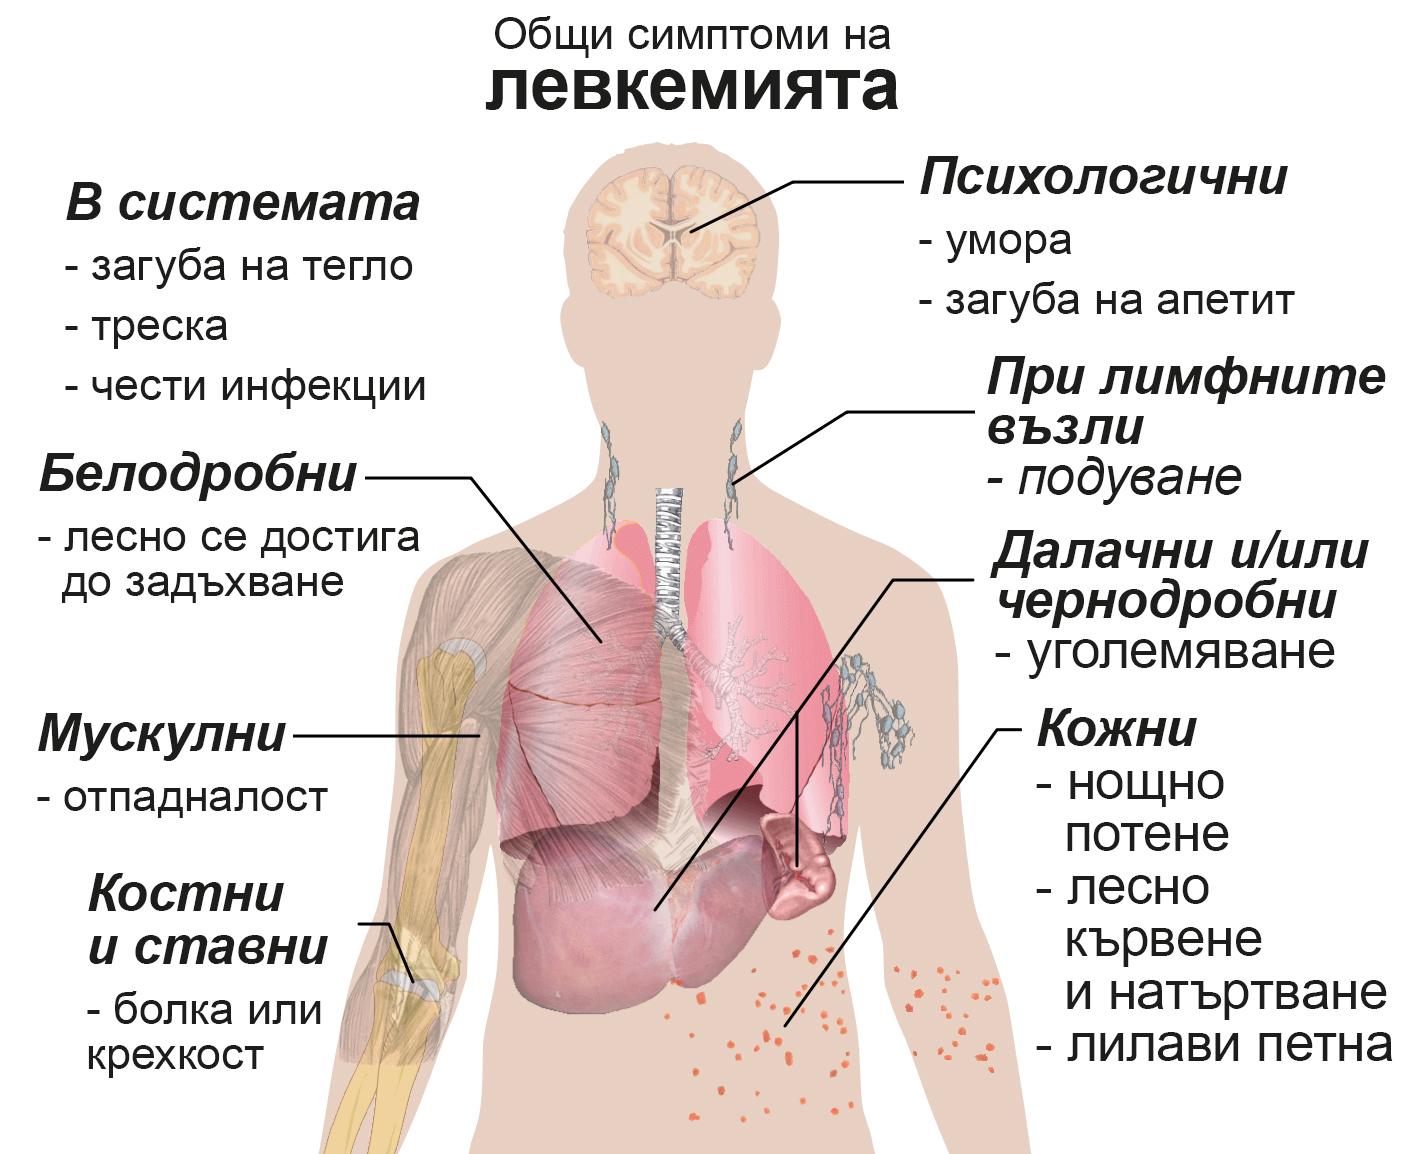 Общи симптоми на левкемията